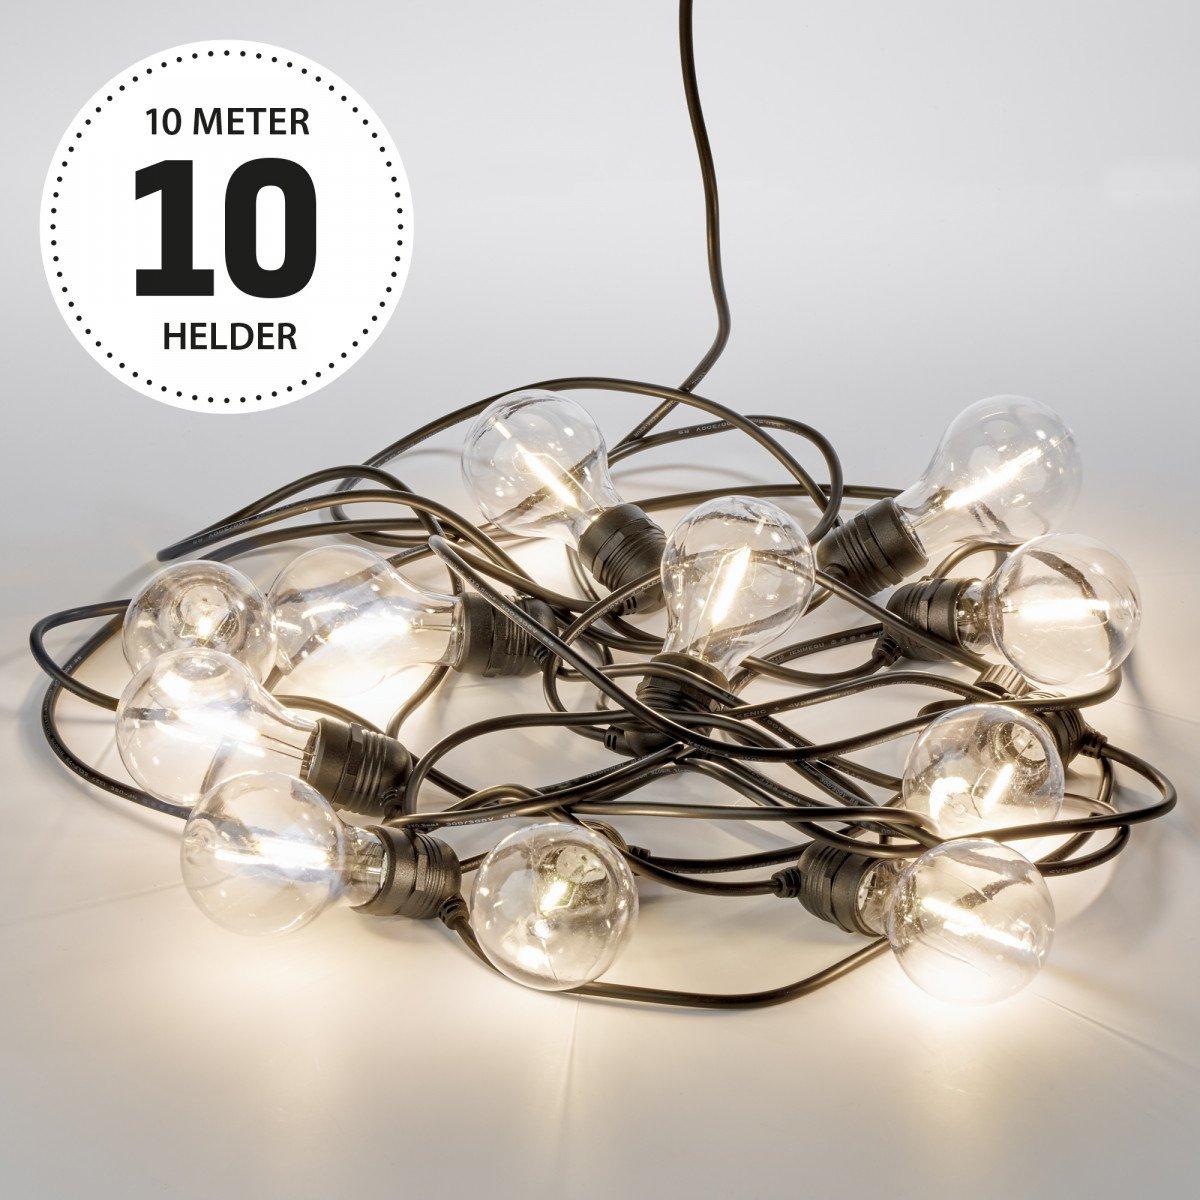 Lichtsnoer LED Party helder 10 meter / 15 Bolletjes